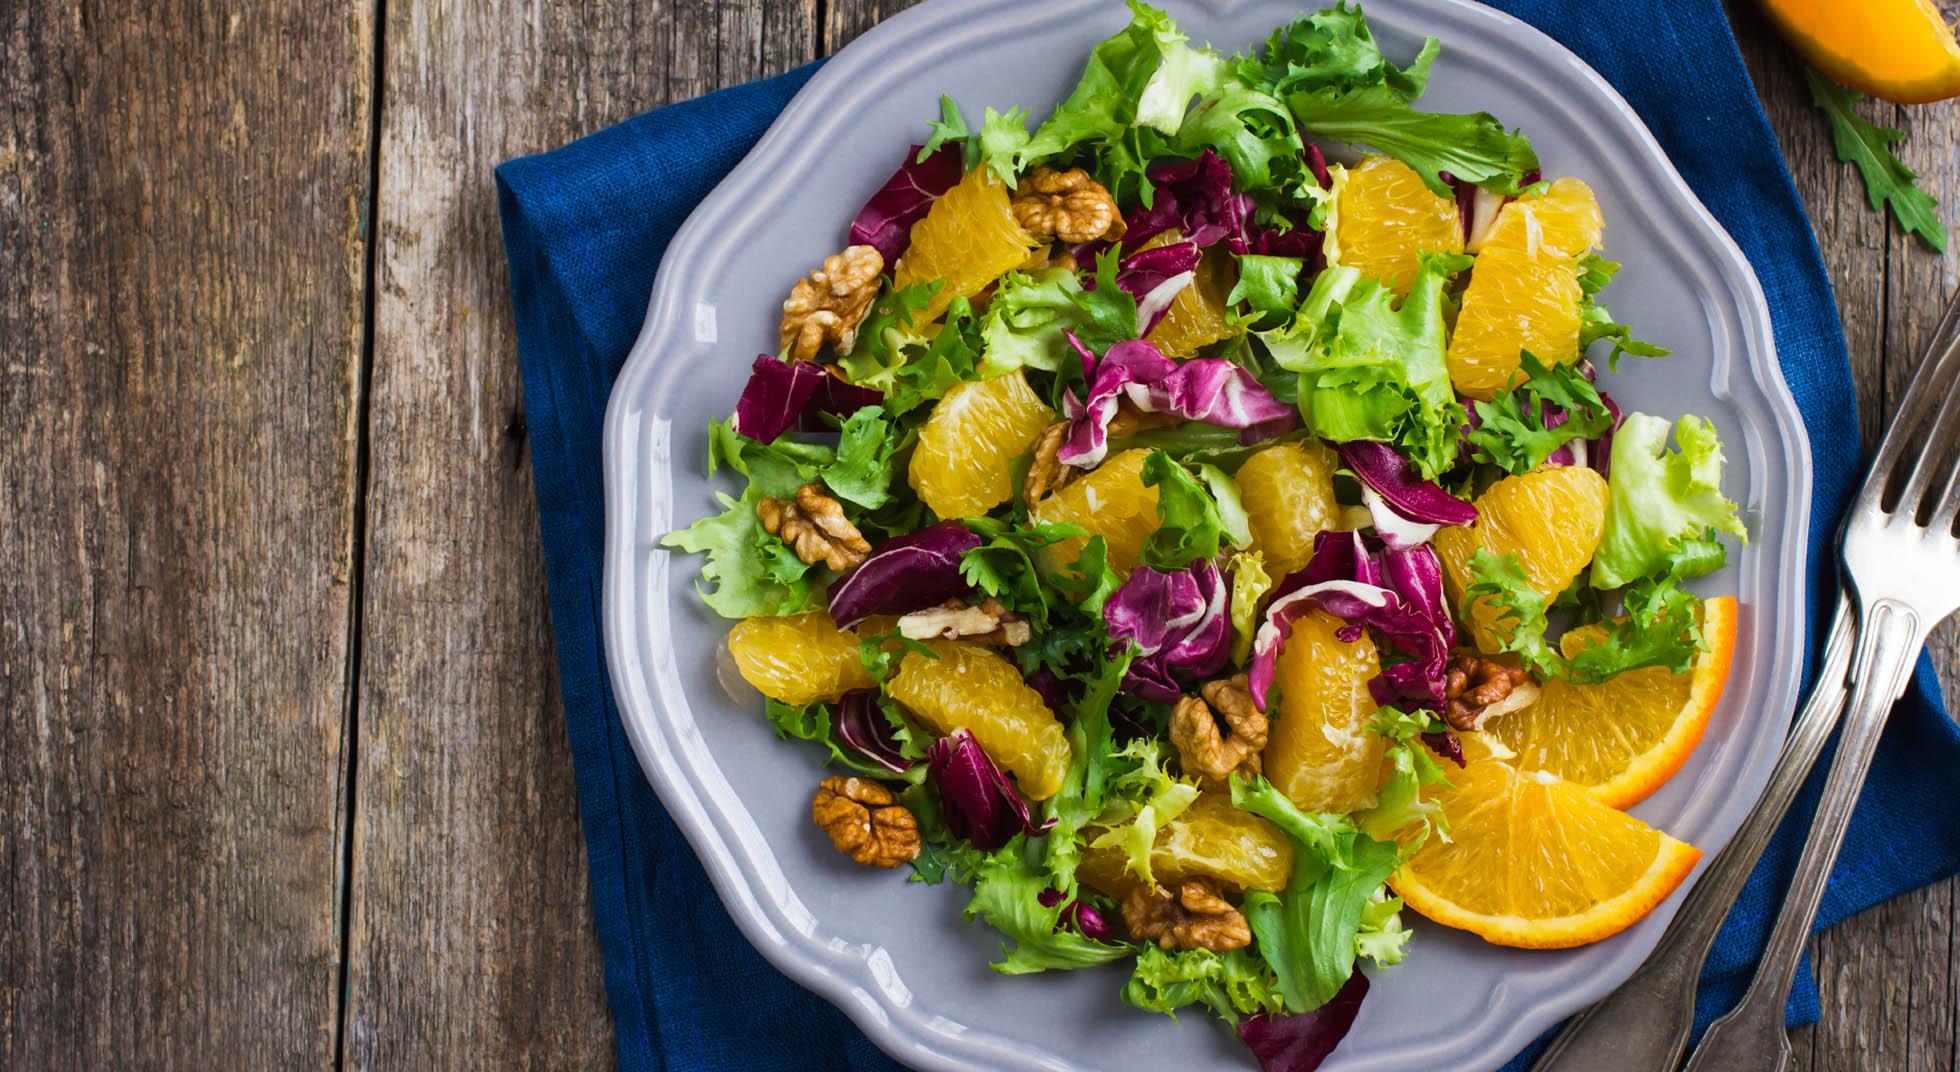 Insalata primaverile 5 ricette da provare aia food for Insalate ricette